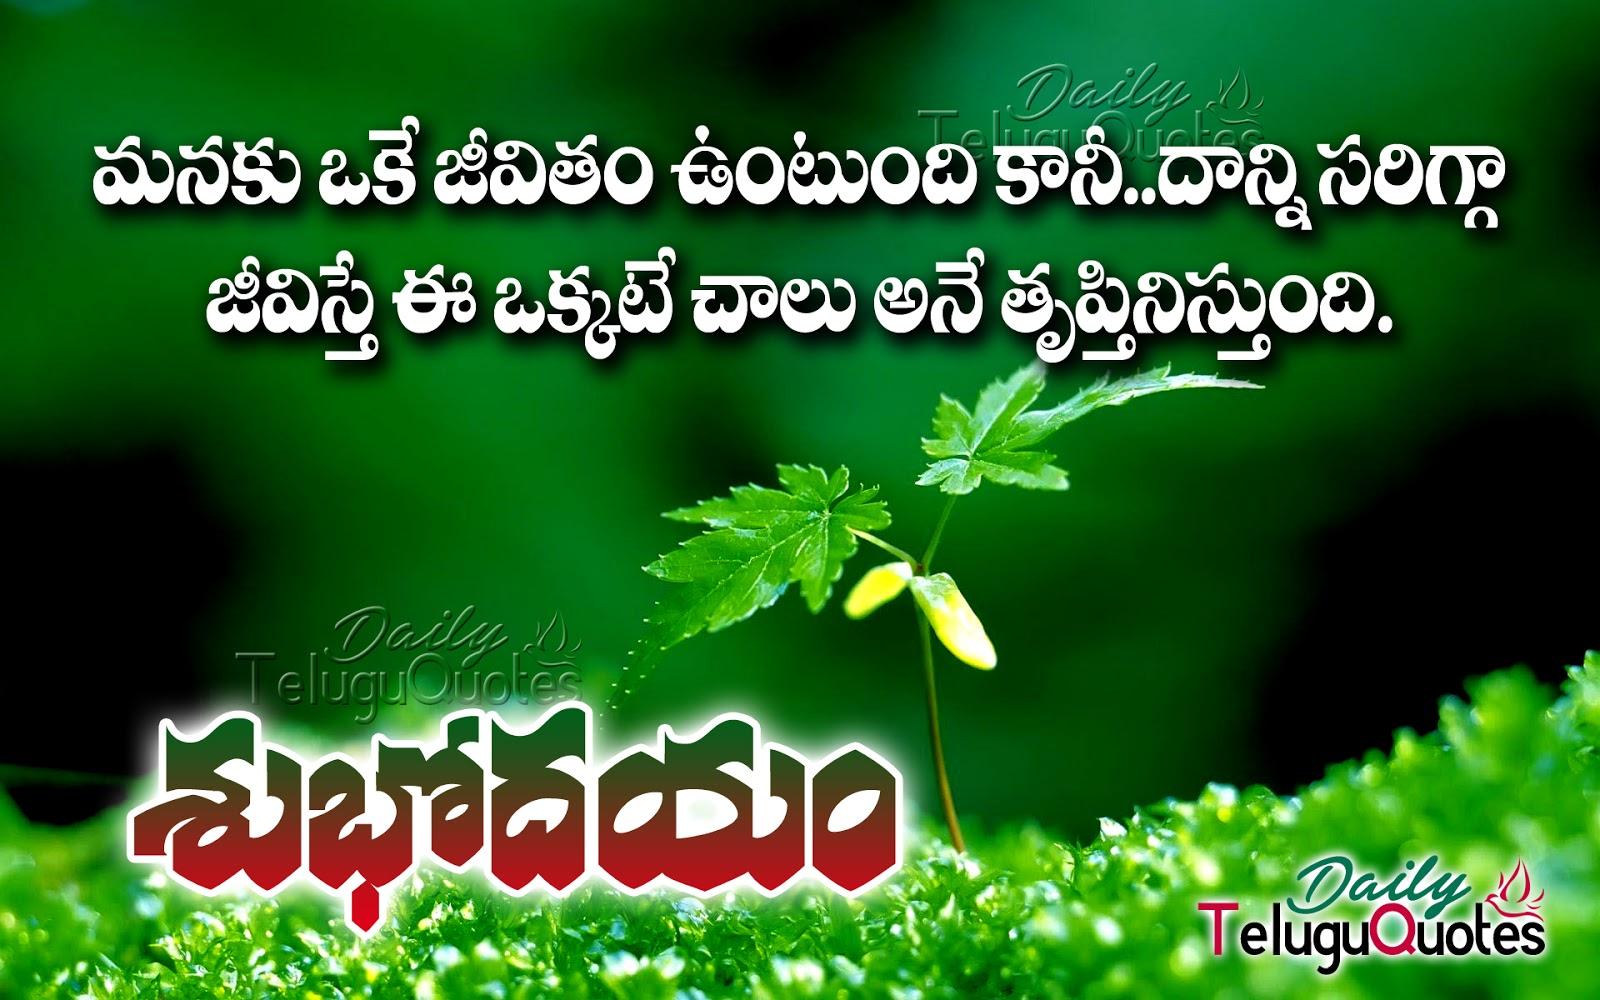 Good Morning Telugu Quotes About Life Wwwpicsbudcom